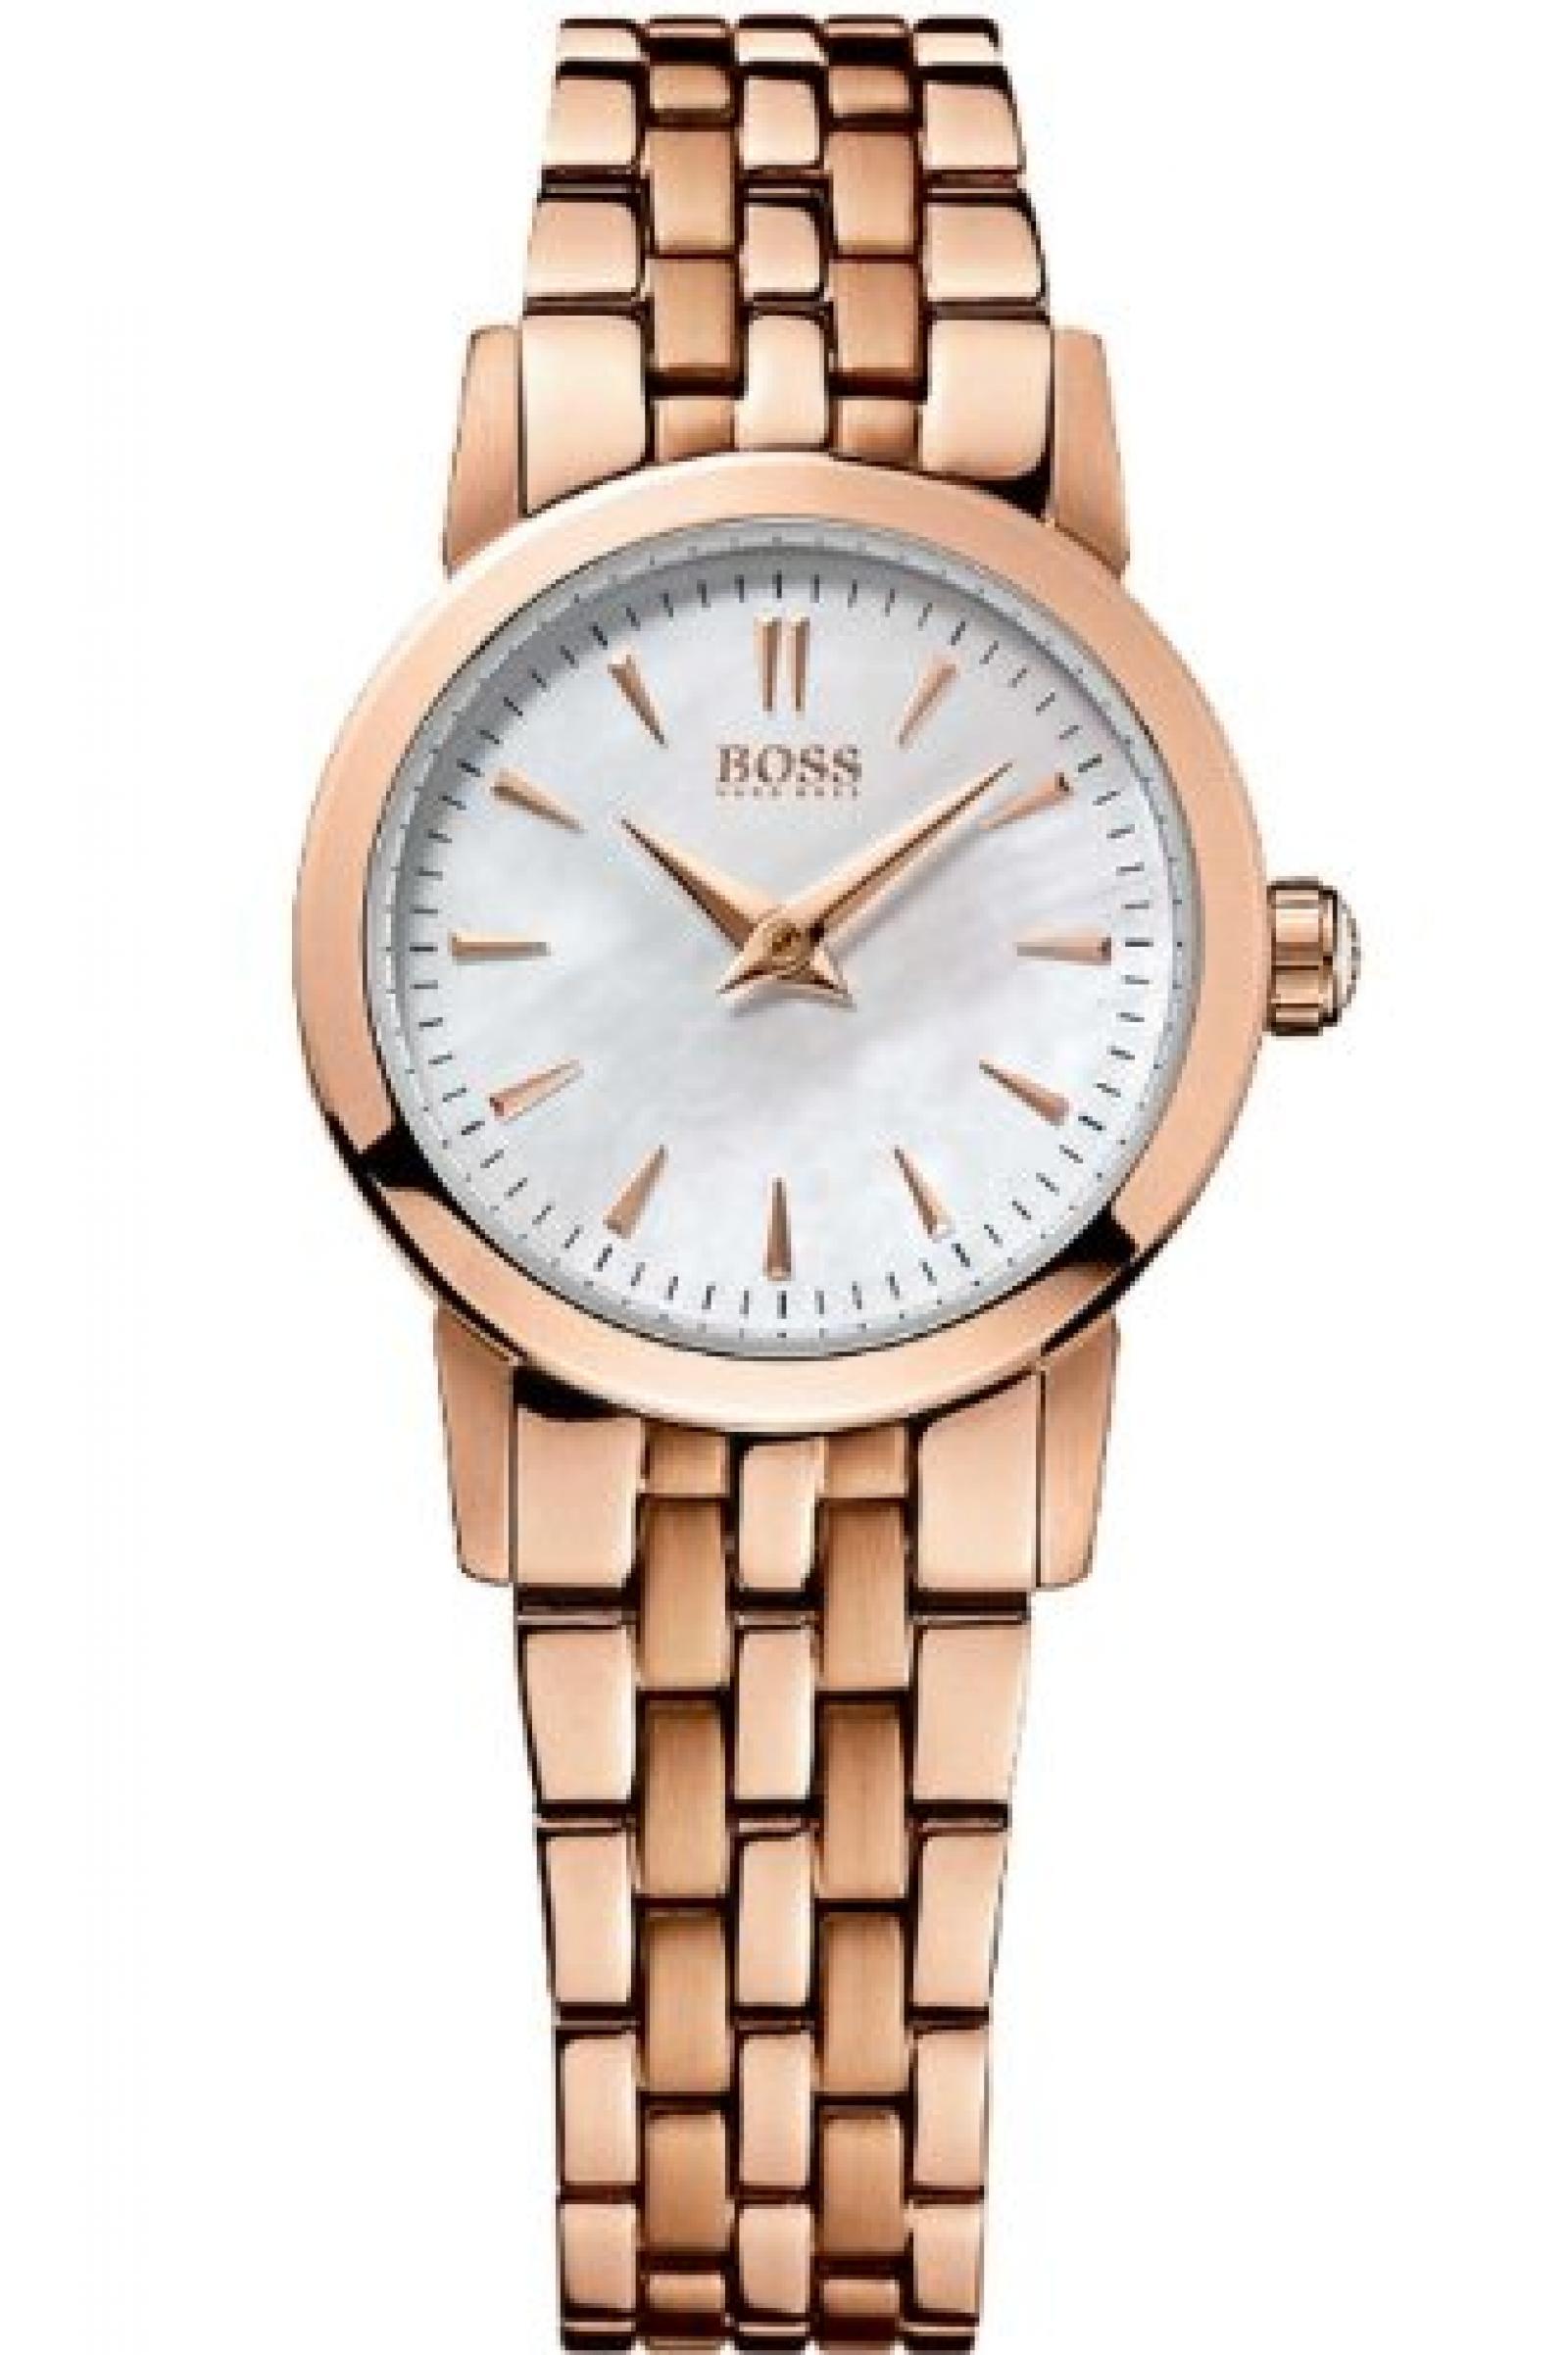 Hugo Boss 1502362 Uhr Damenuhr Edelstahl 30m Analog rosé